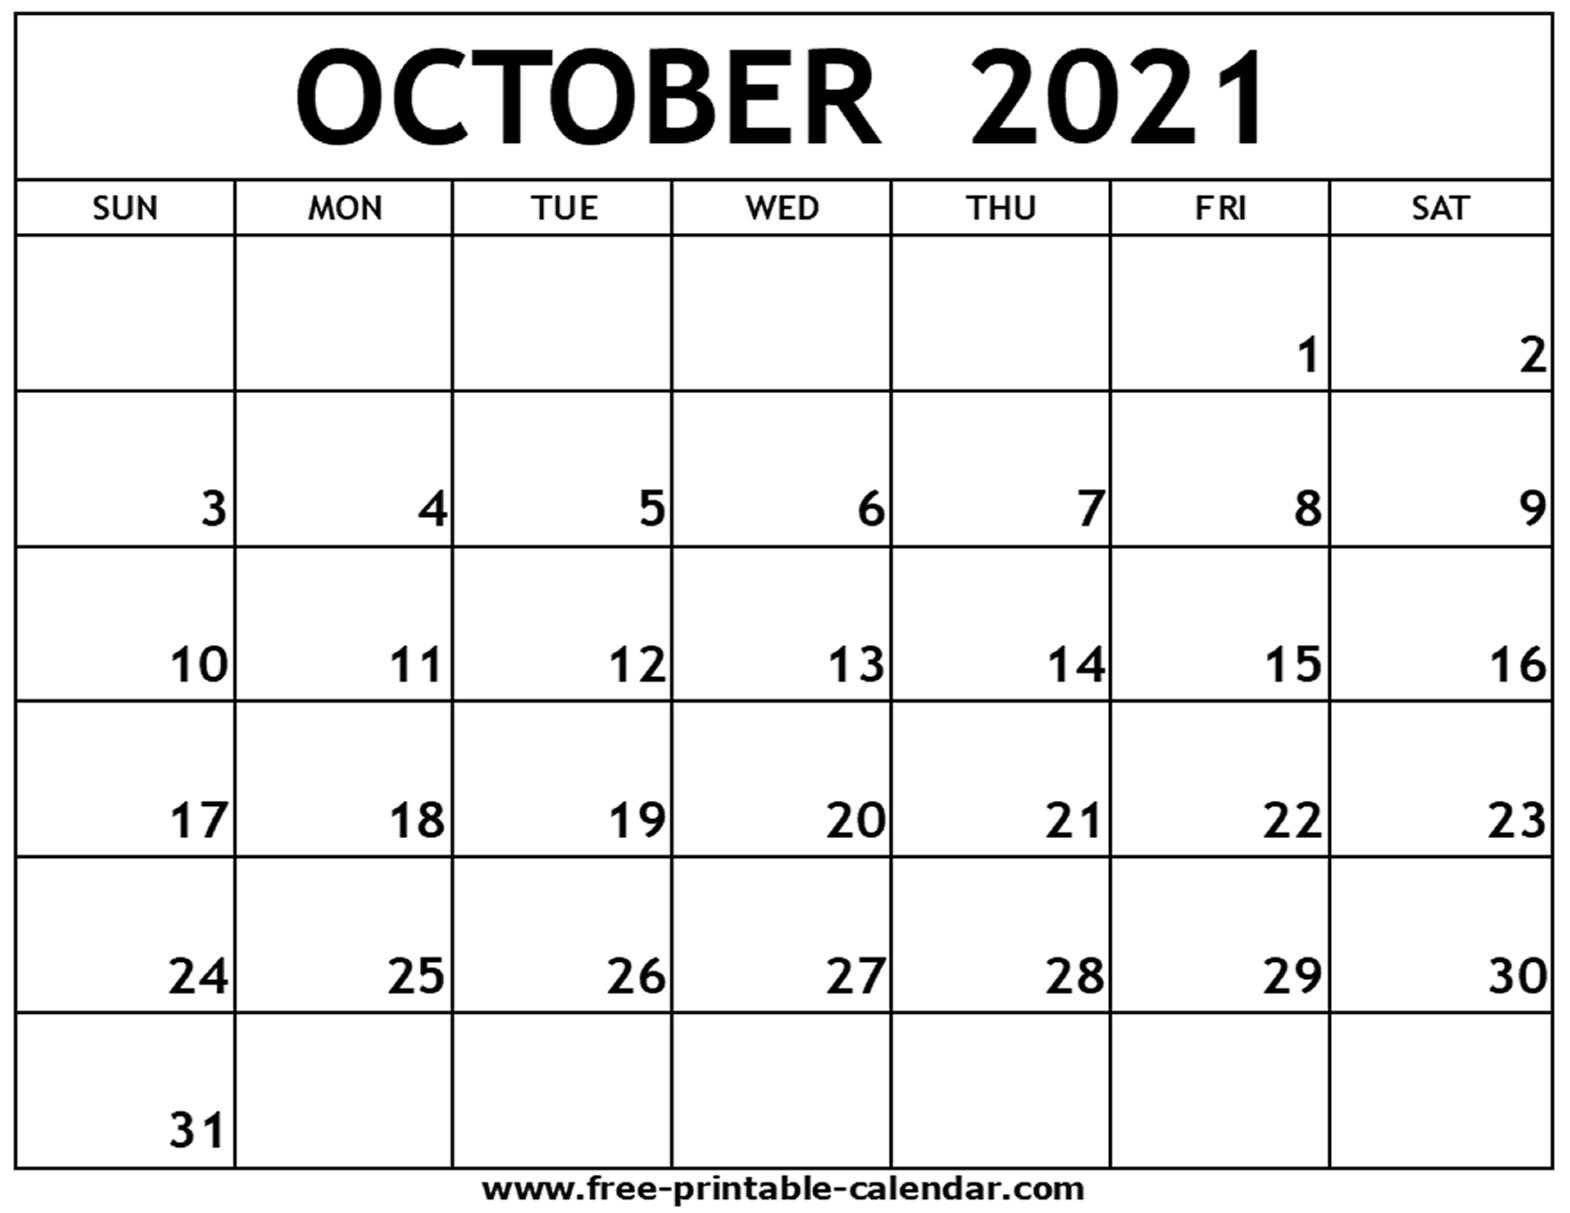 Get Calendar August September October 2021